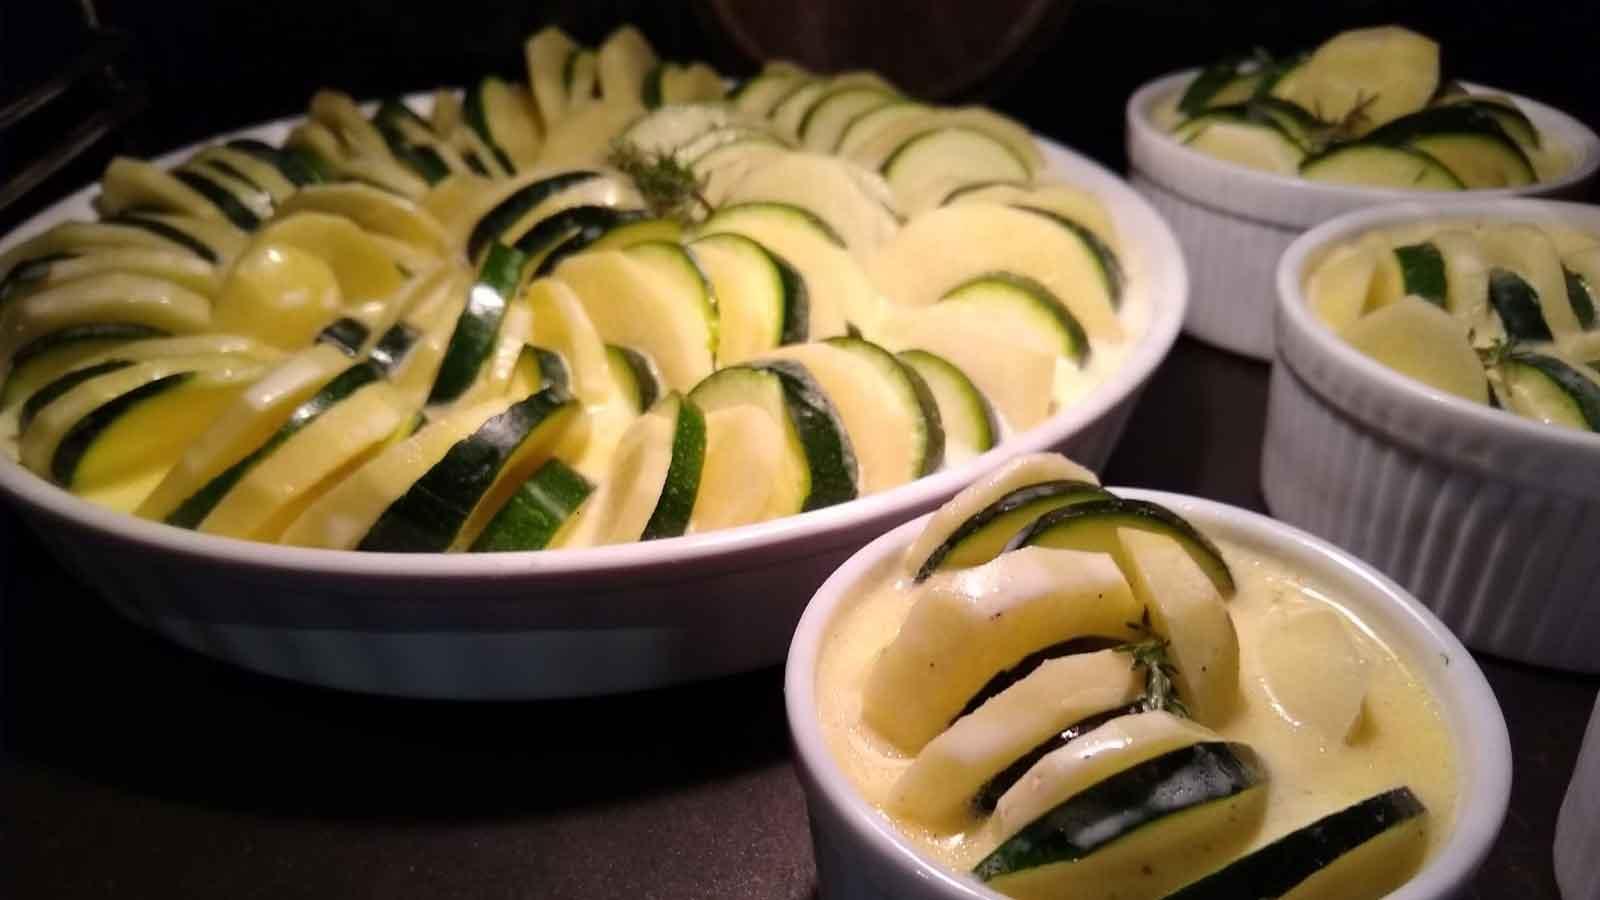 Kartoffel-Zucchini-Gratin aus dem Holzbackofen